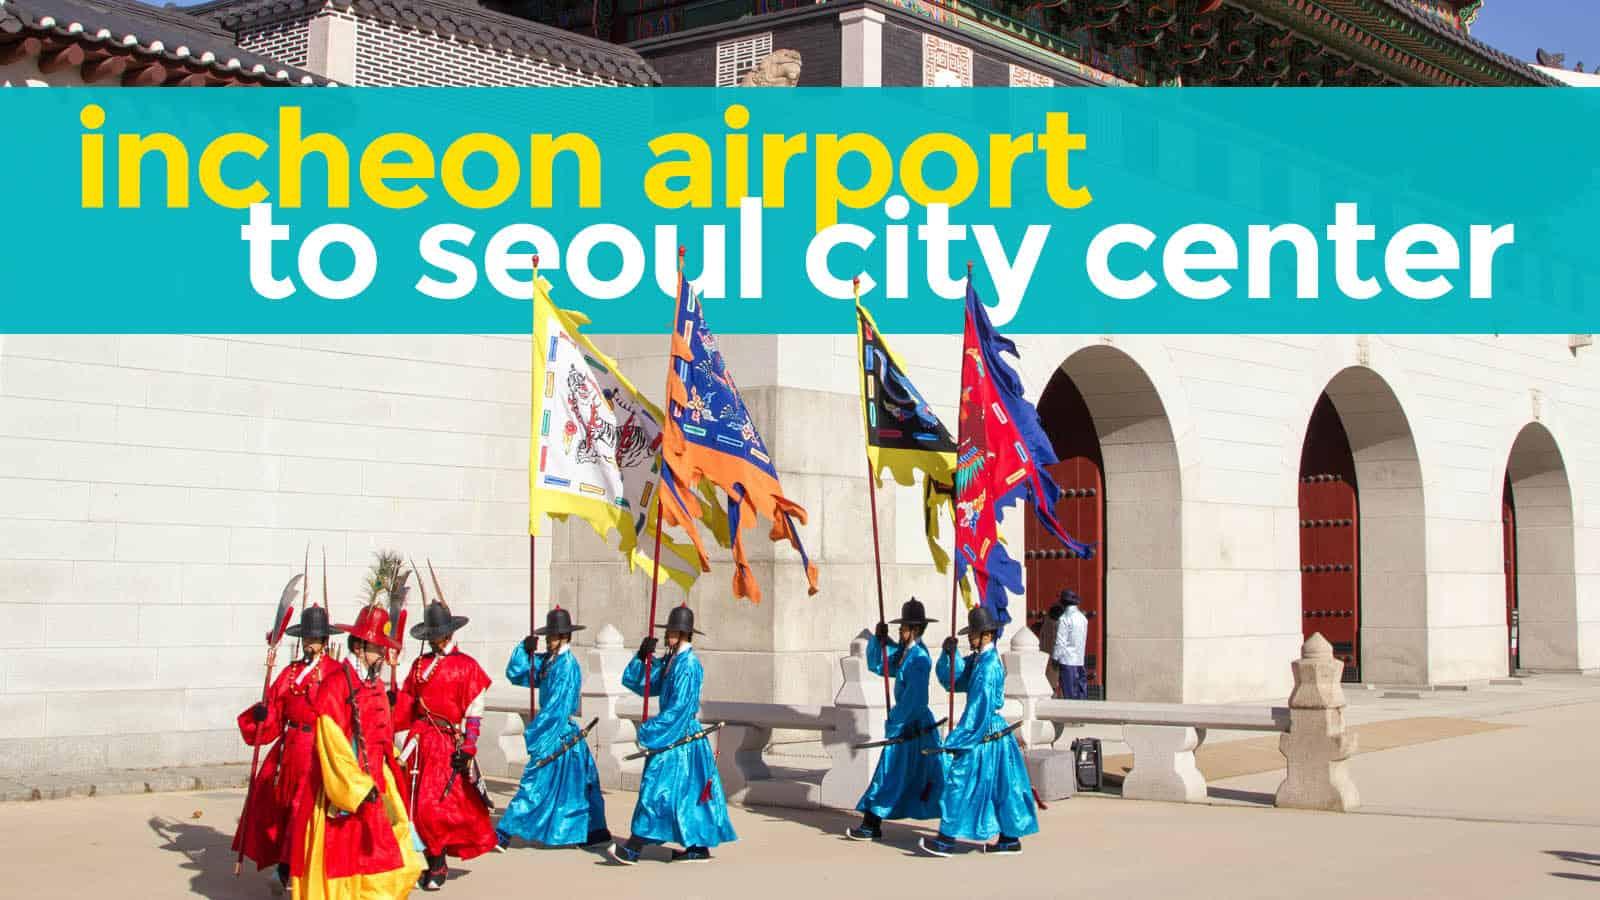 仁川机场到首尔(明洞、弘大、钟路)。最便宜的方法 | 穷游者的行程博客